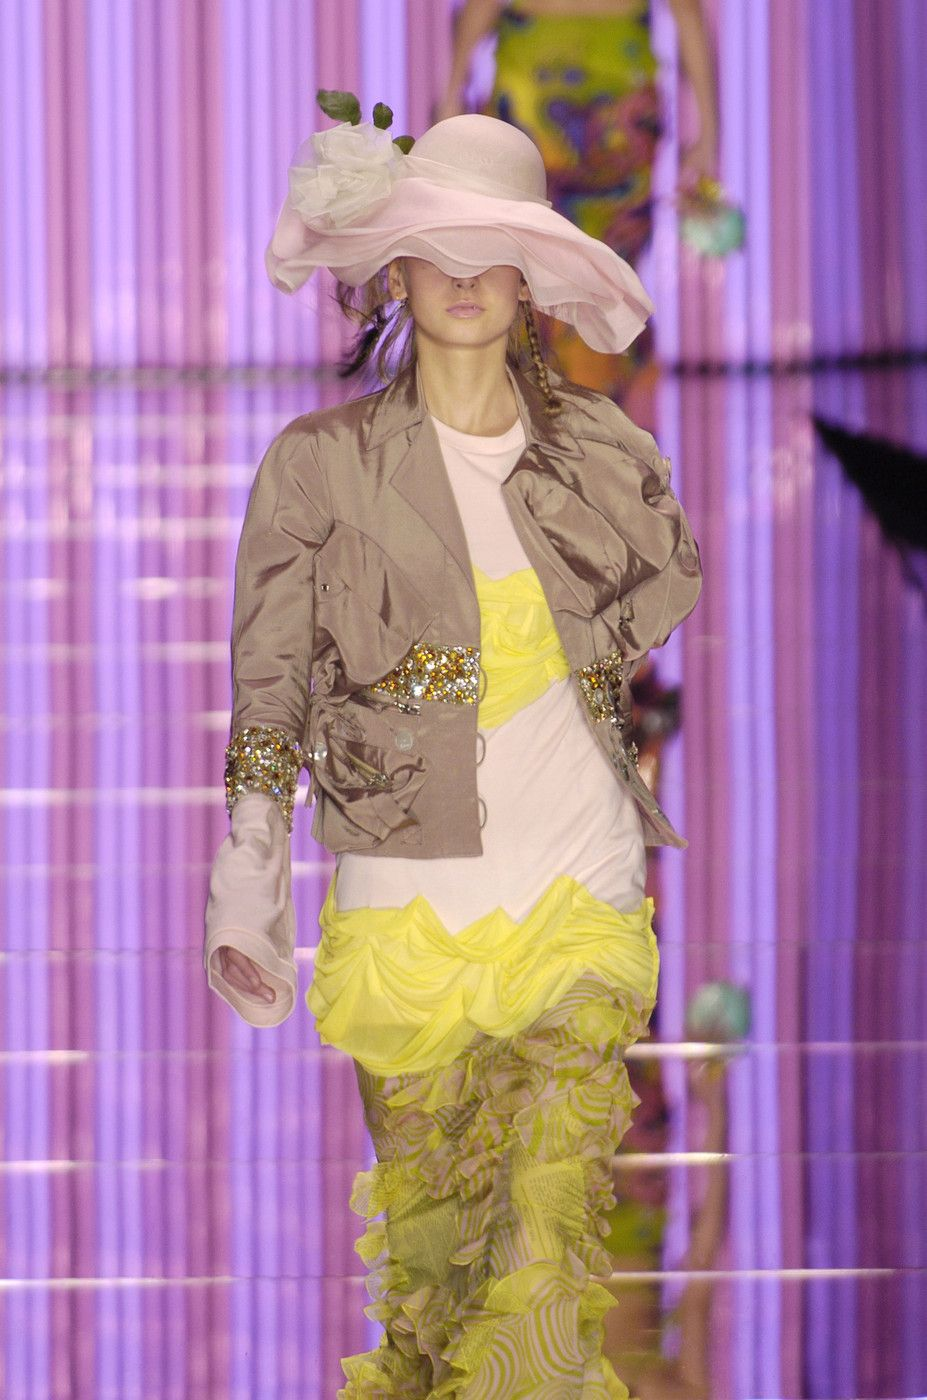 217 photos of John Galliano at Paris Fashion Week Spring 2005.